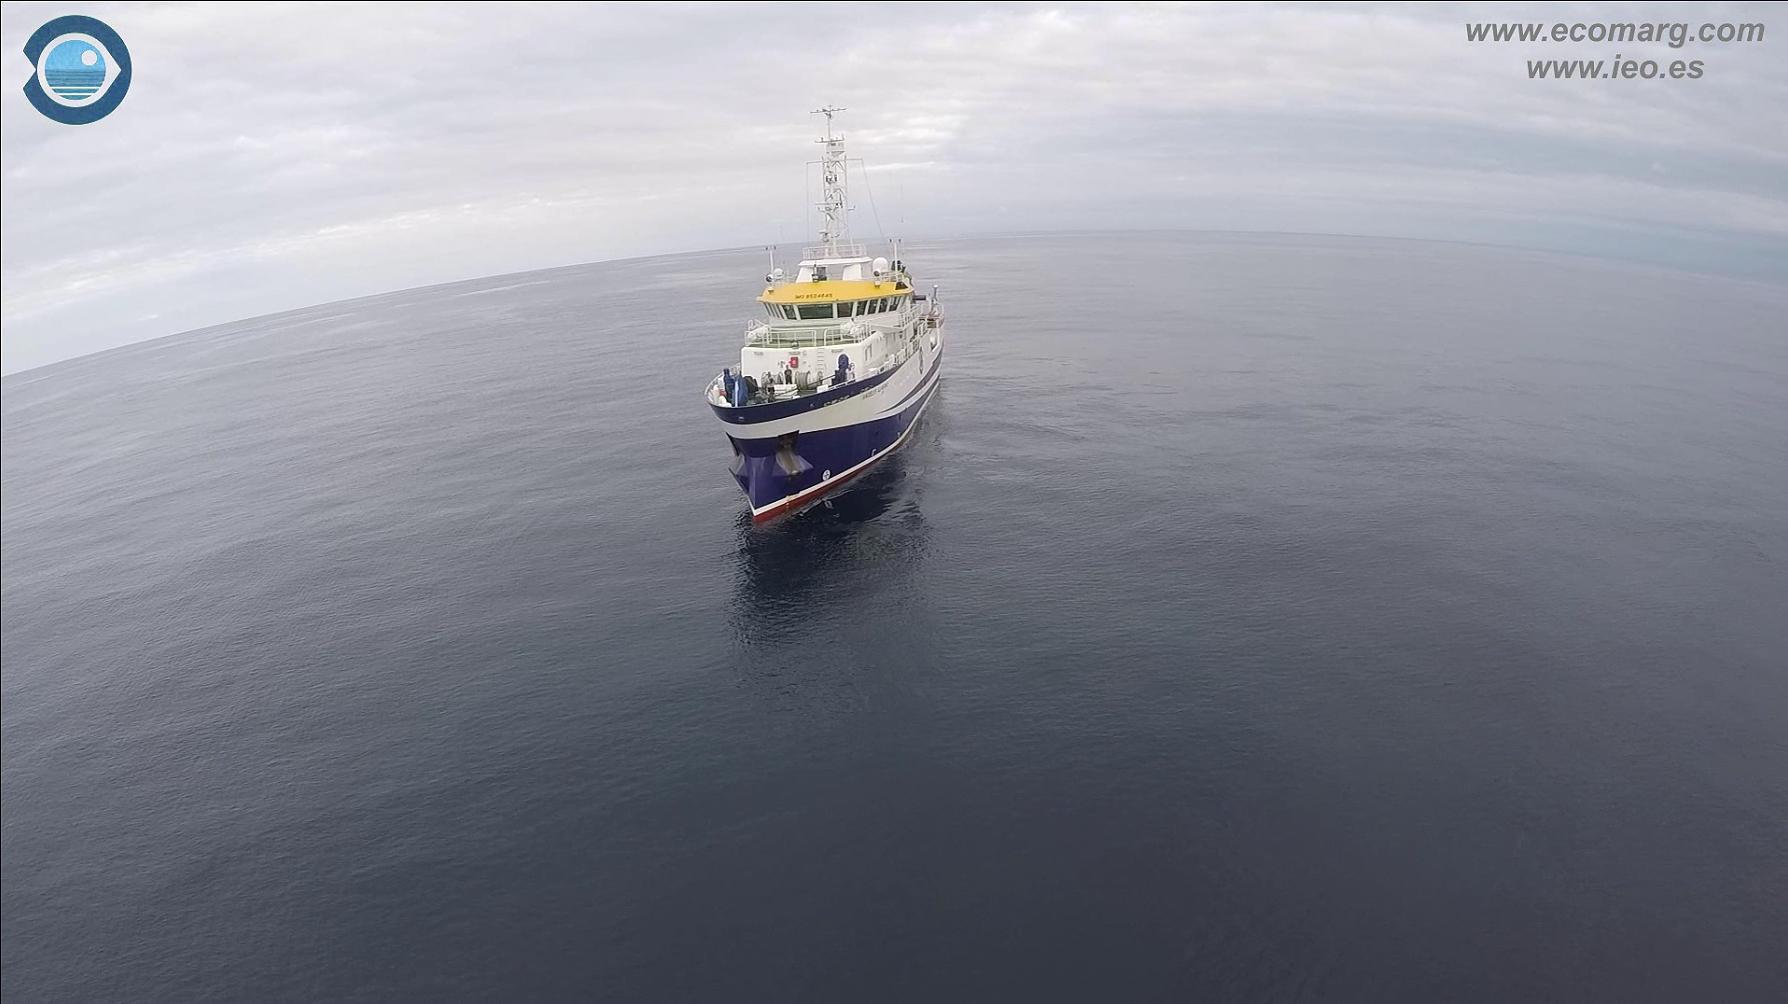 Buque oceanográfico Ángeles Alvariño. Fotograma extraído del vídeo promocional. Imagen: IEO